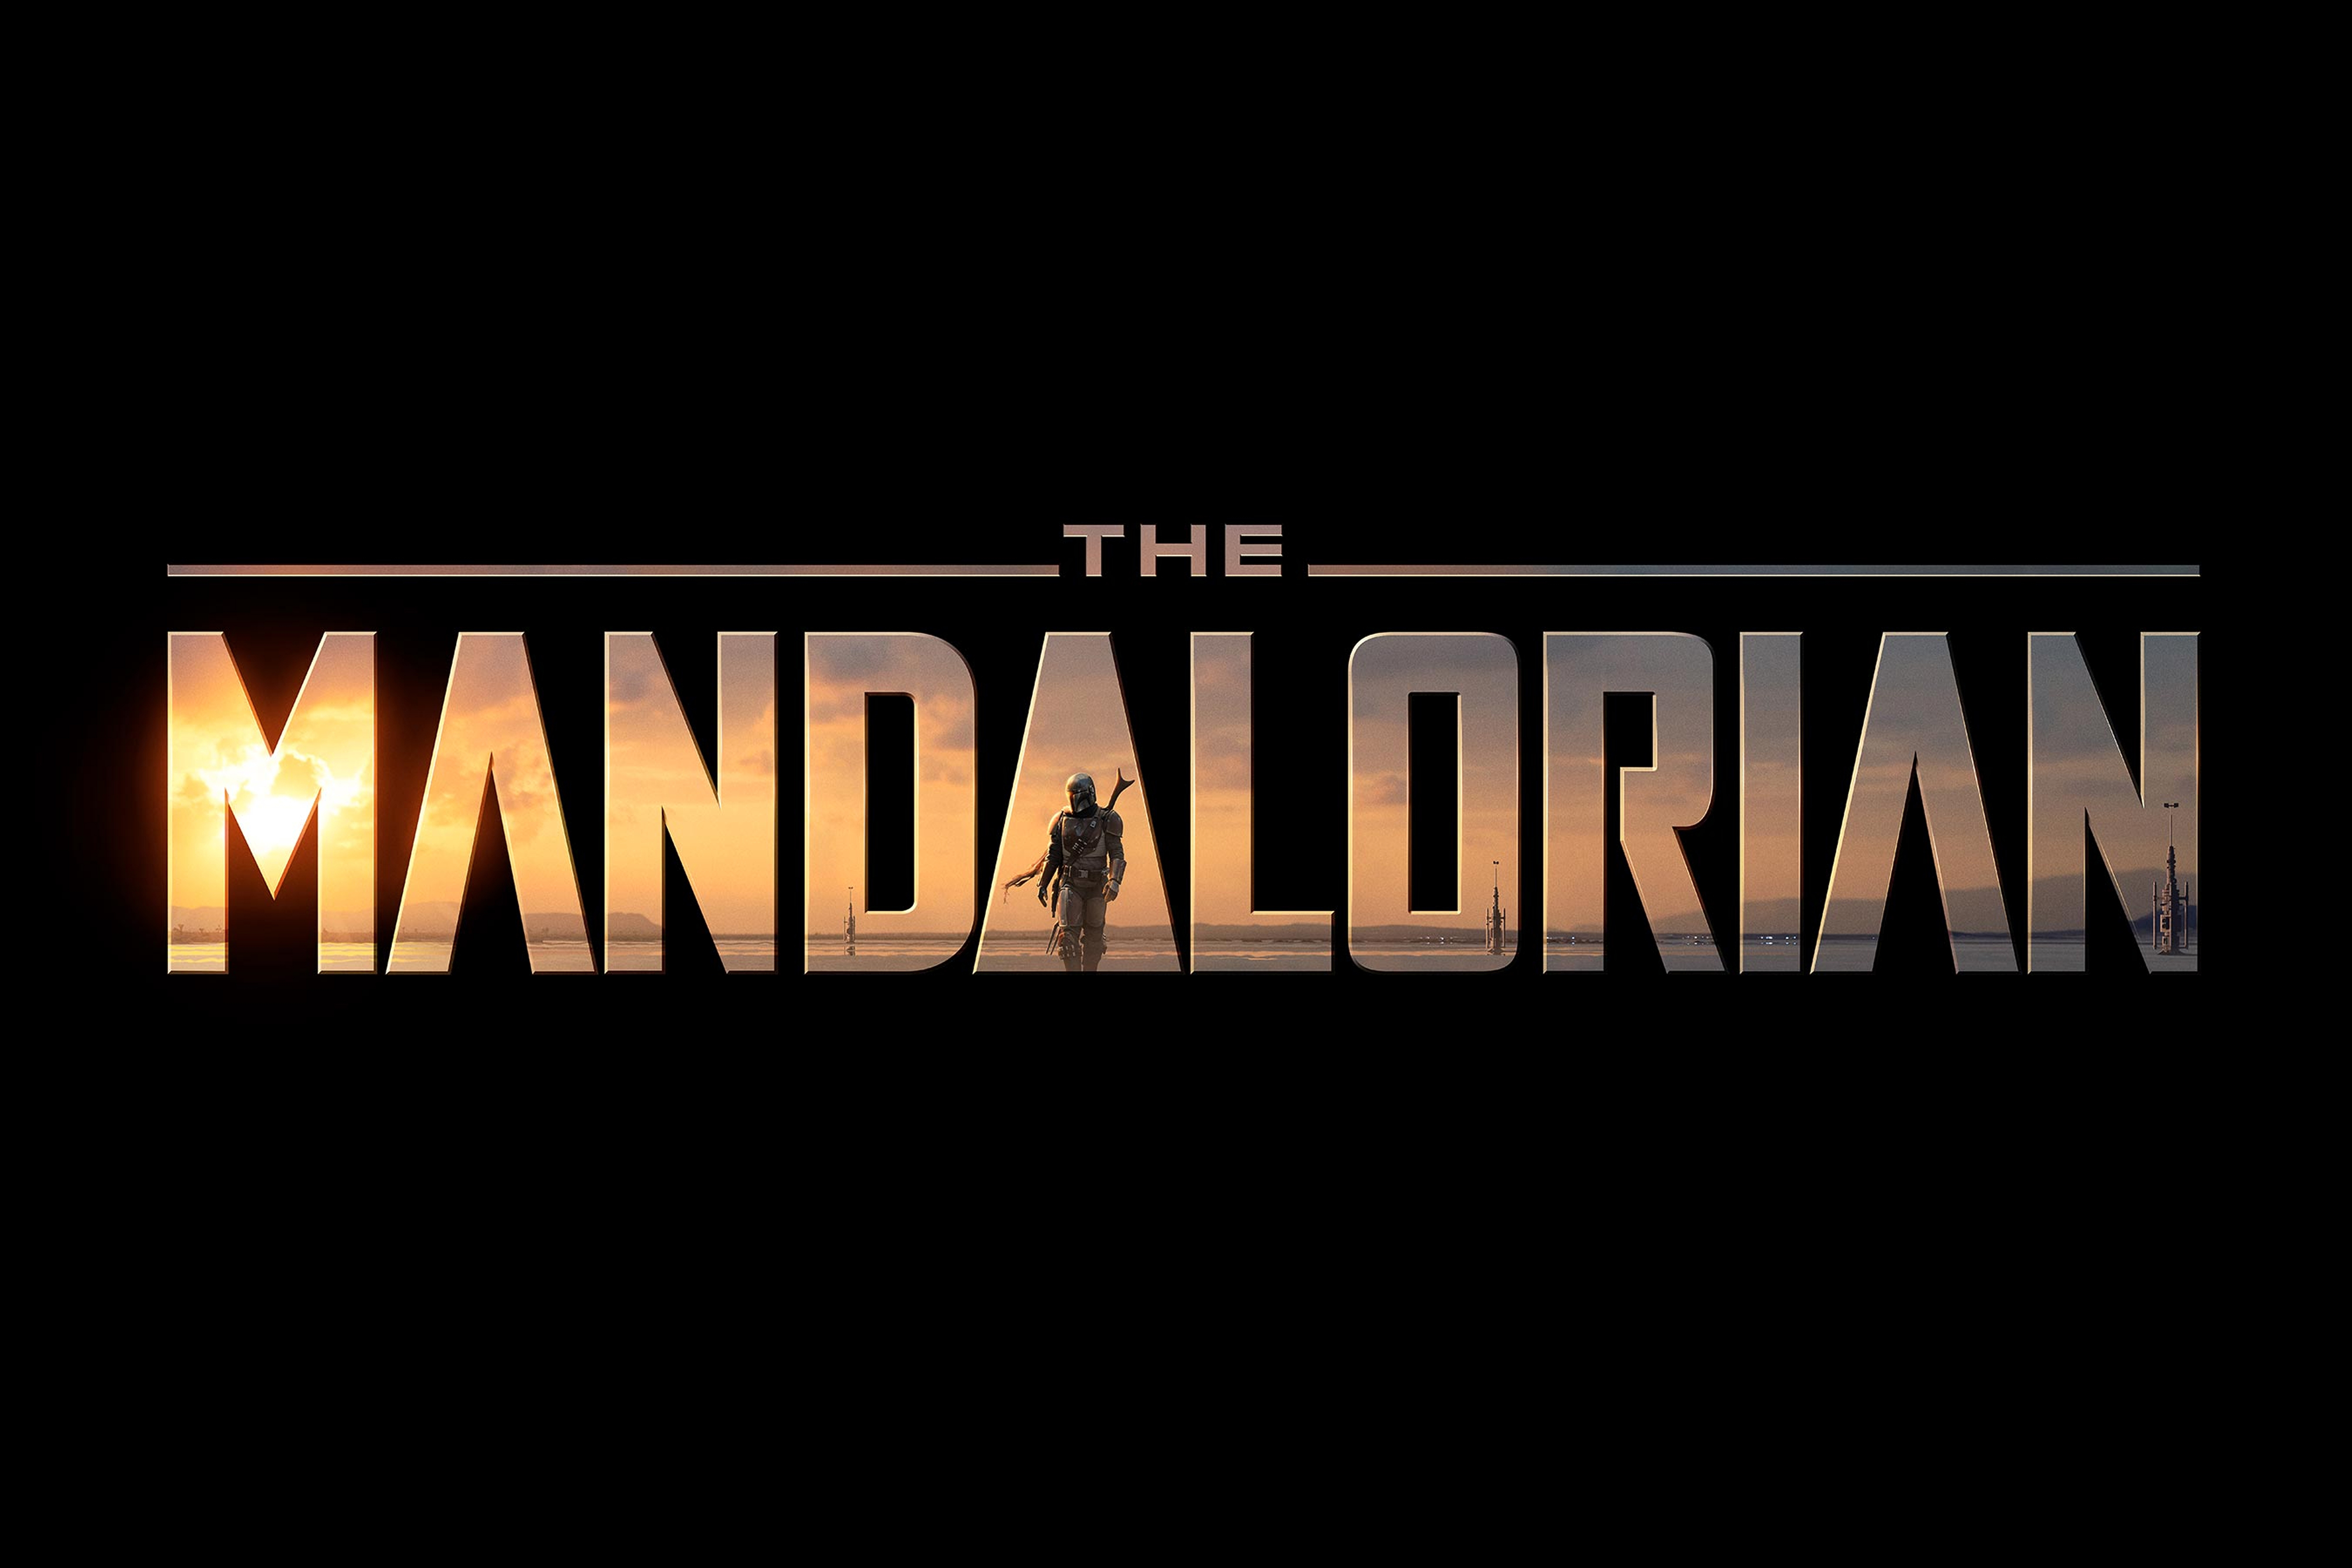 Star Wars The Mandalorian Hi Res Black Logo Geek Carl